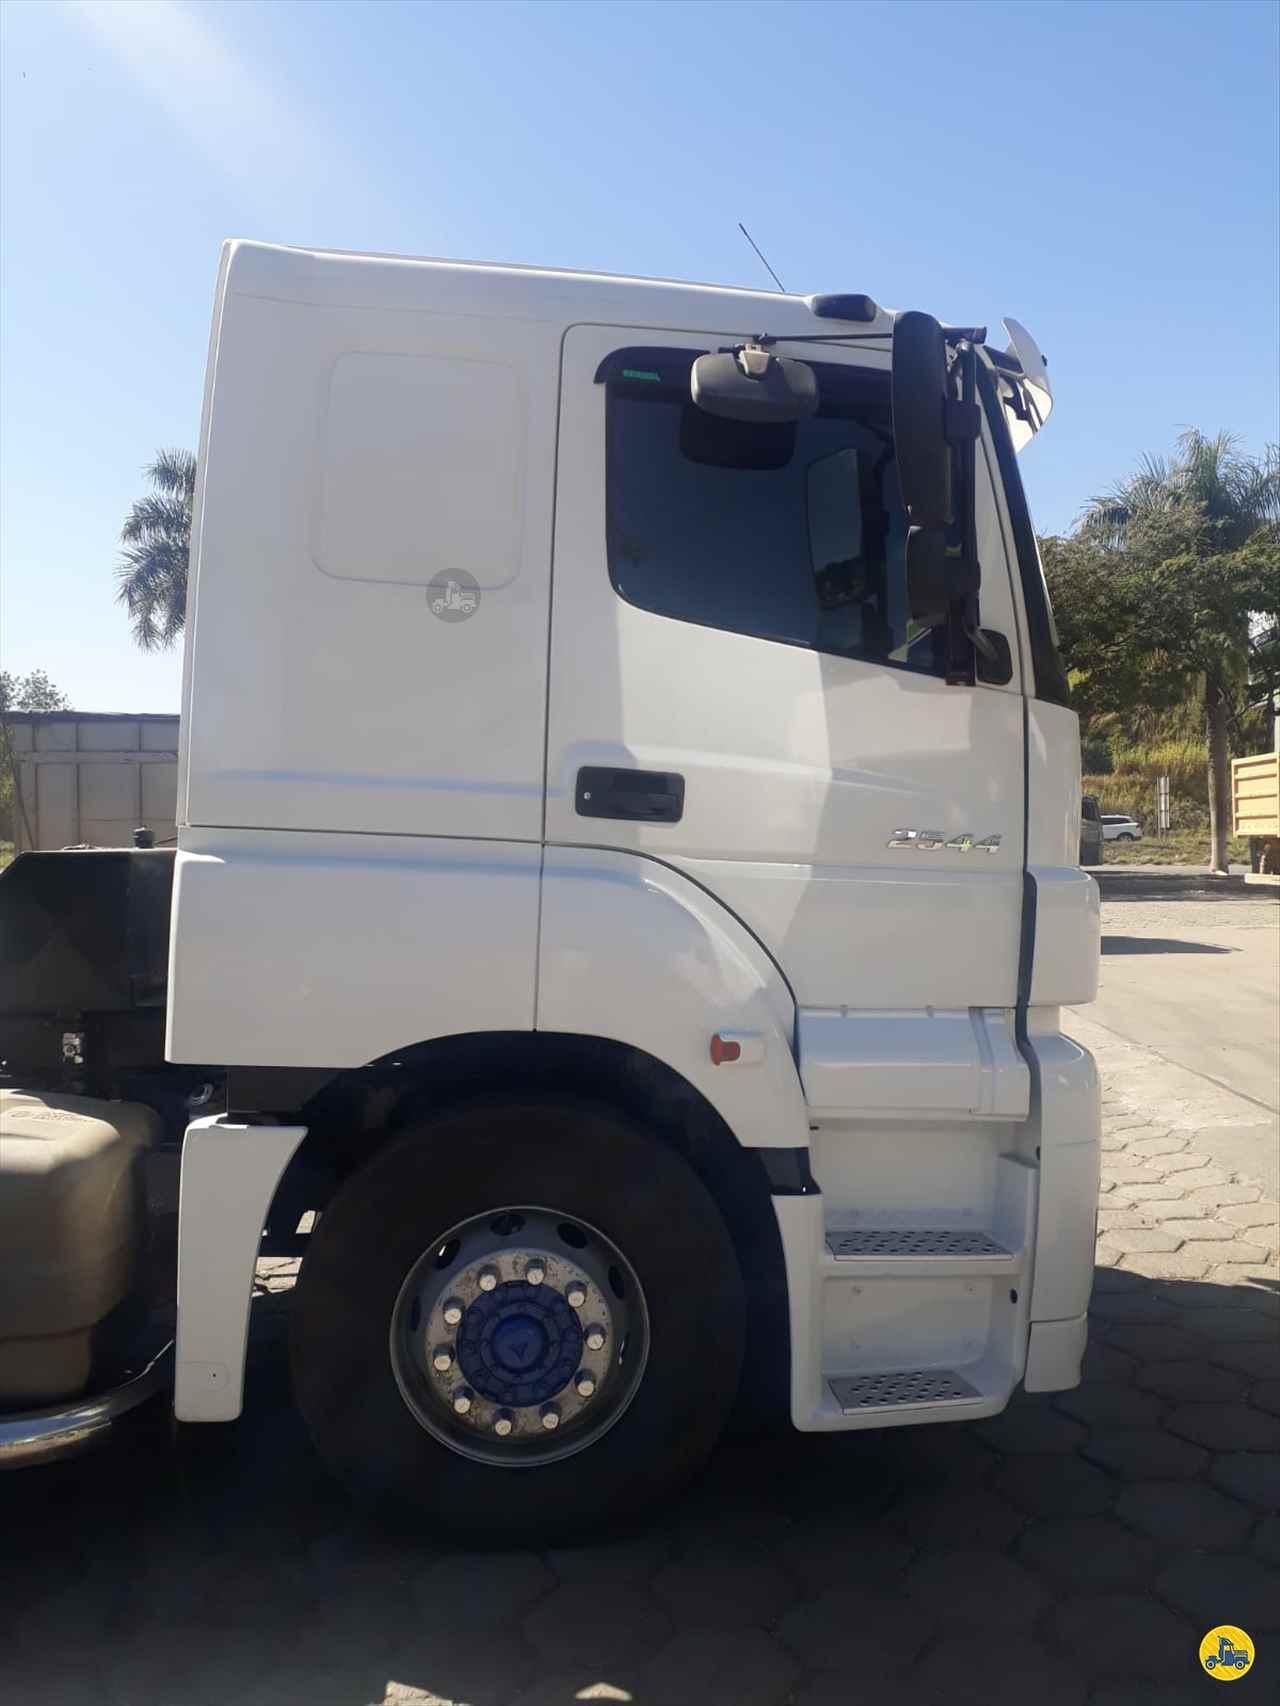 MB 2544 de Cotral Caminhões - SERRA DO SALITRE/MG